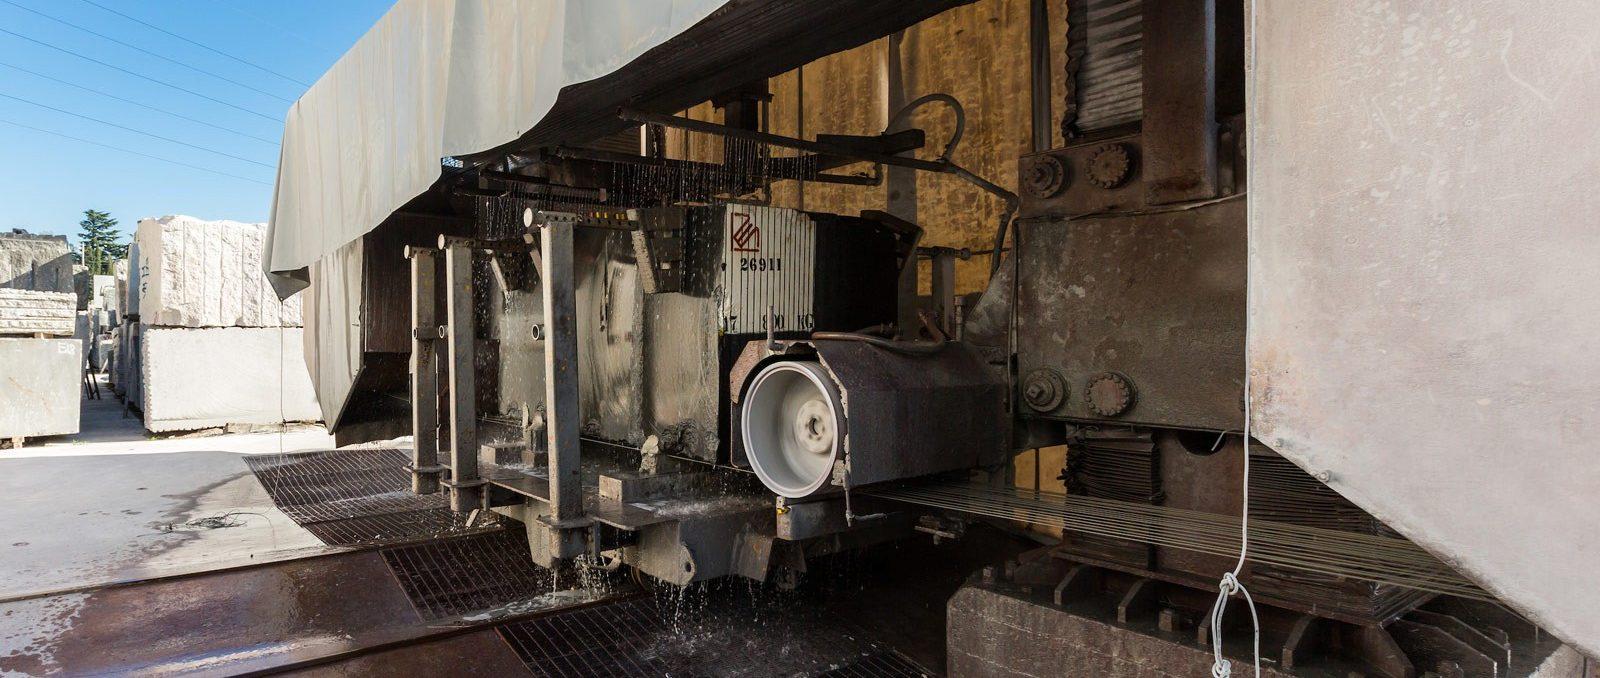 Pellegrini Multiwire macchina per la produzione di Archi e Lastre di Marmo e Graniti